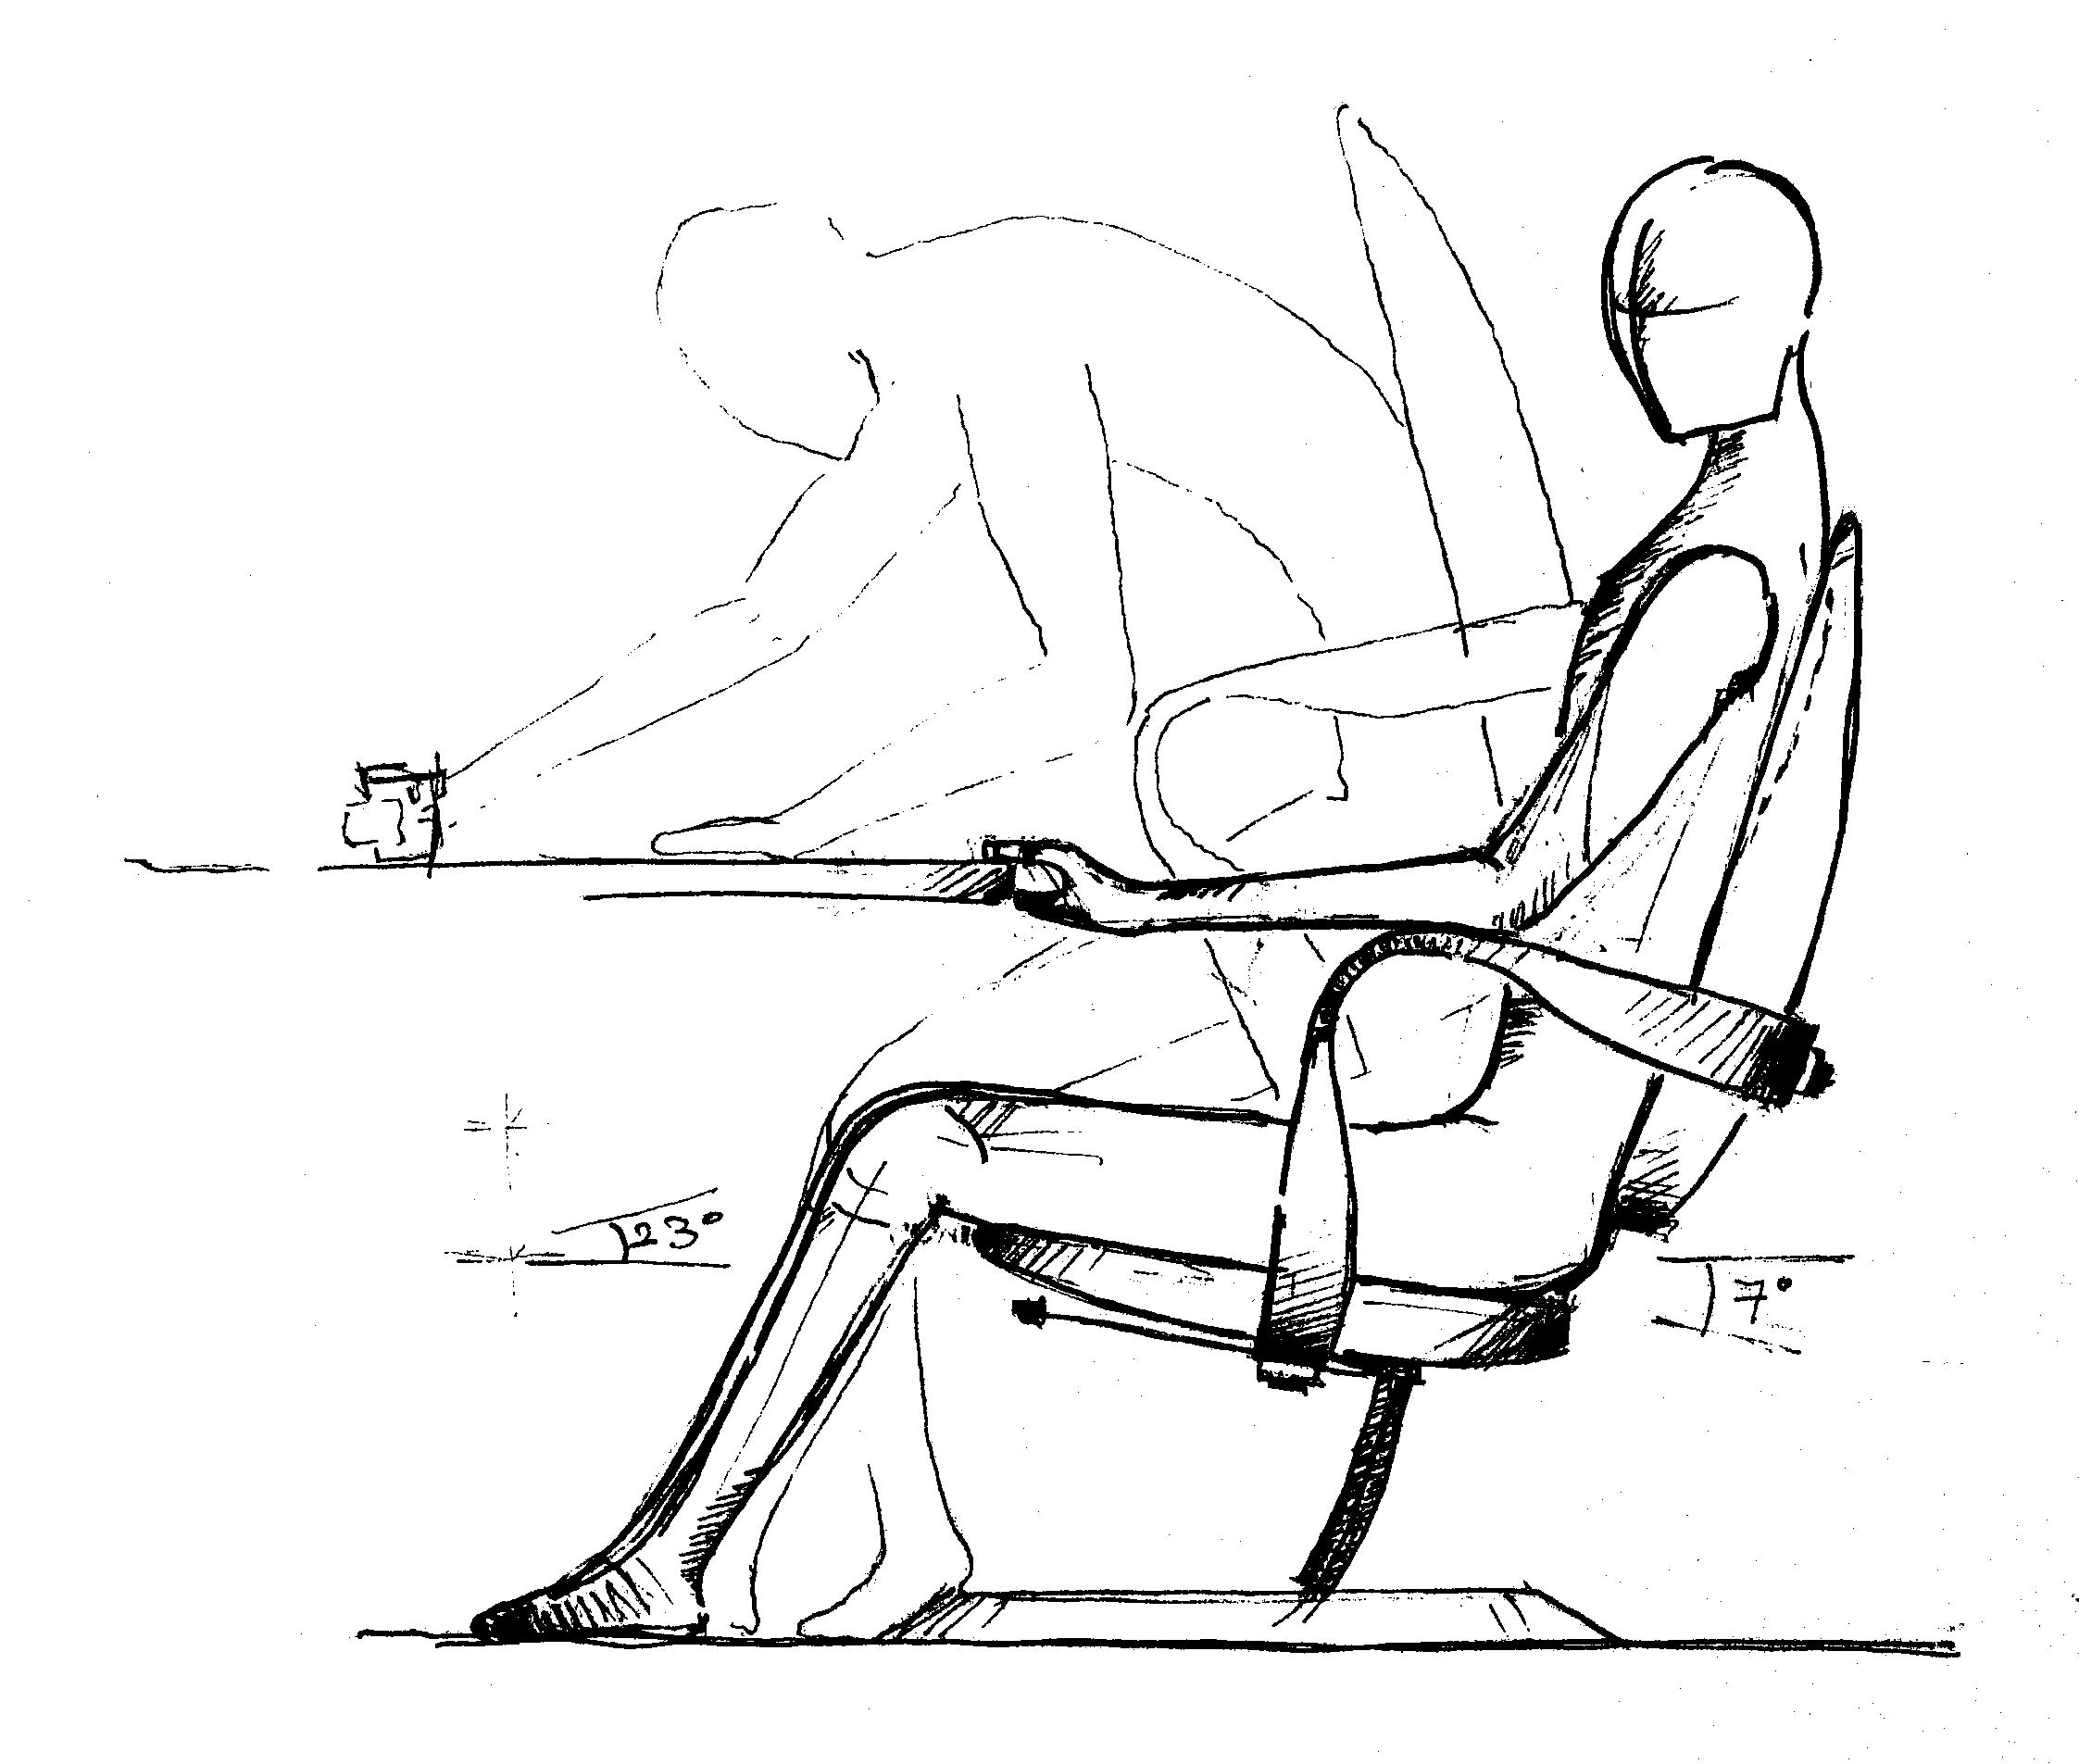 Sketches by alexandru harapu at coroflot com